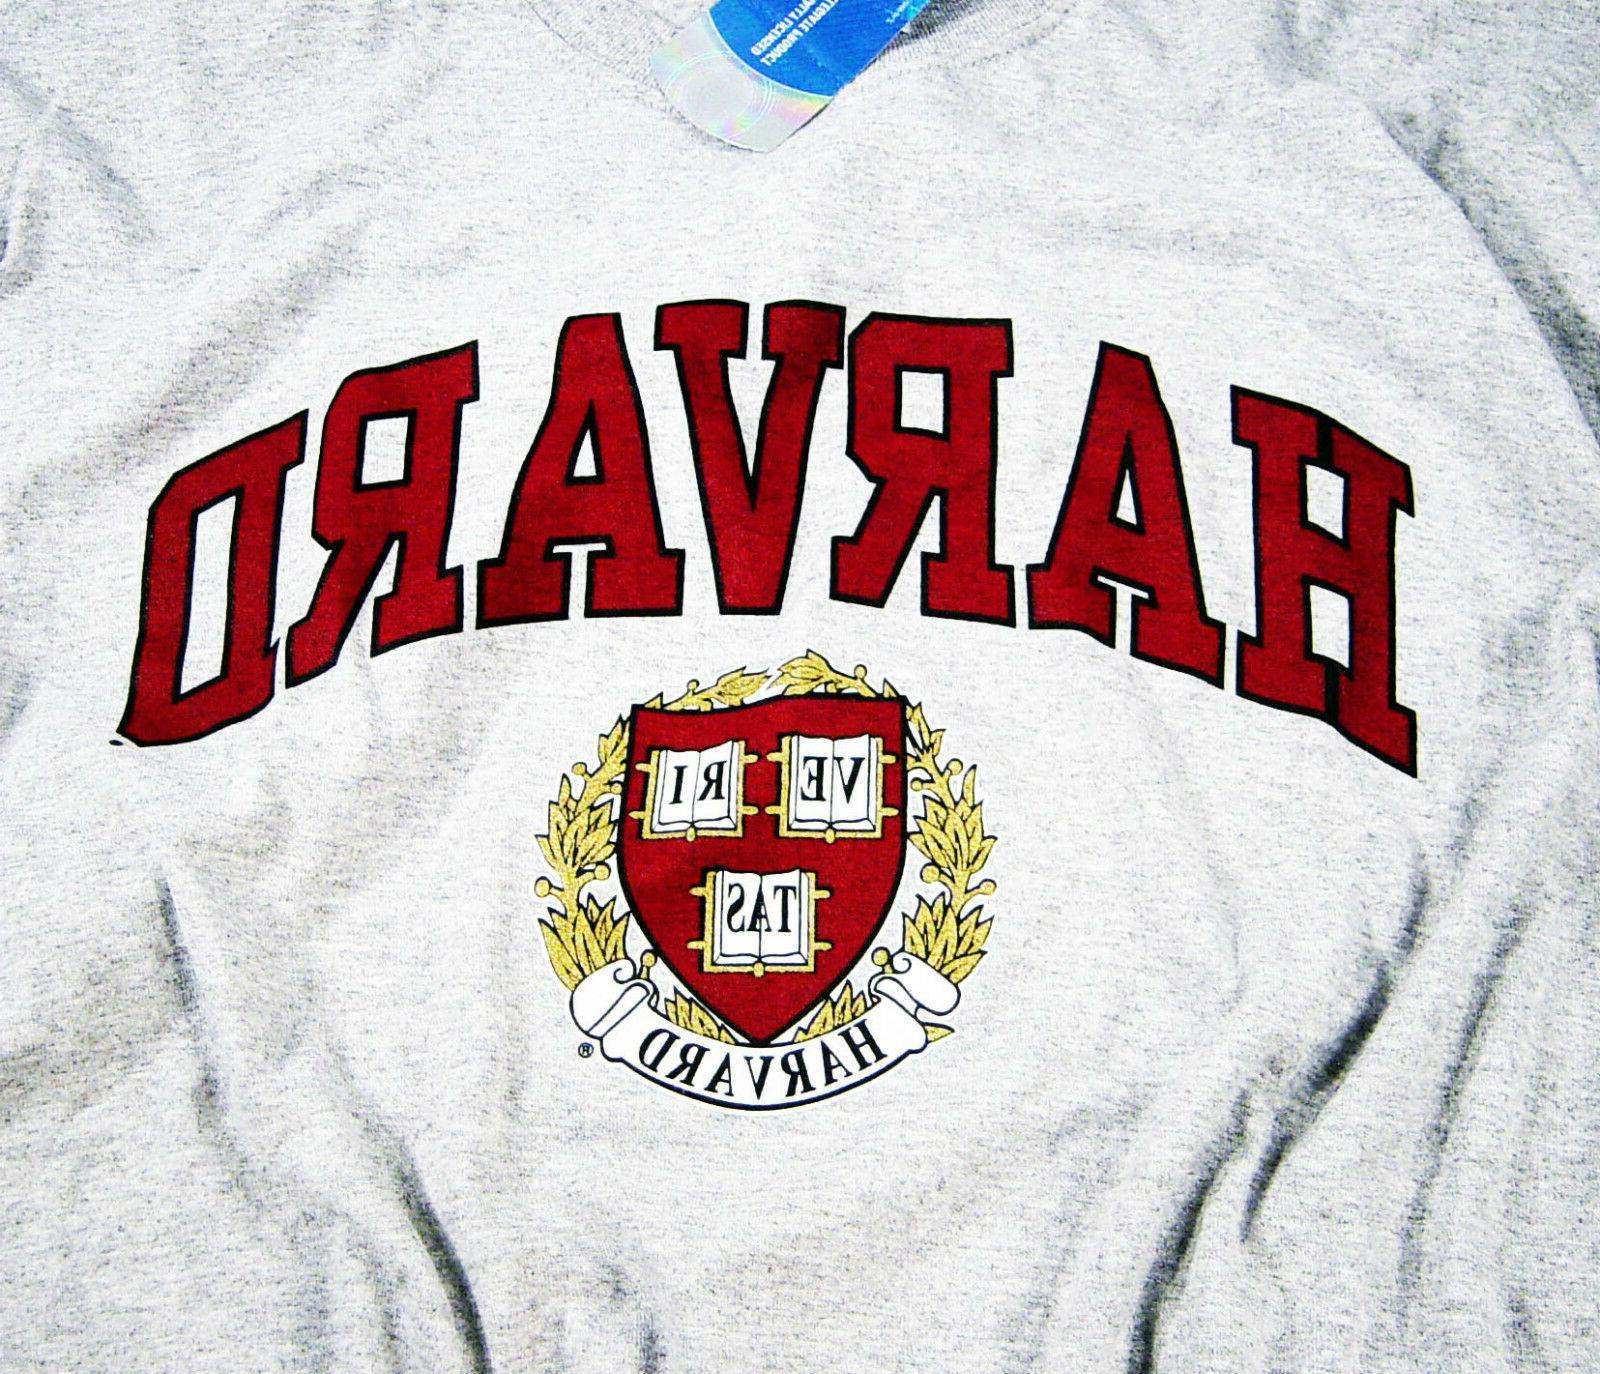 Harvard Long